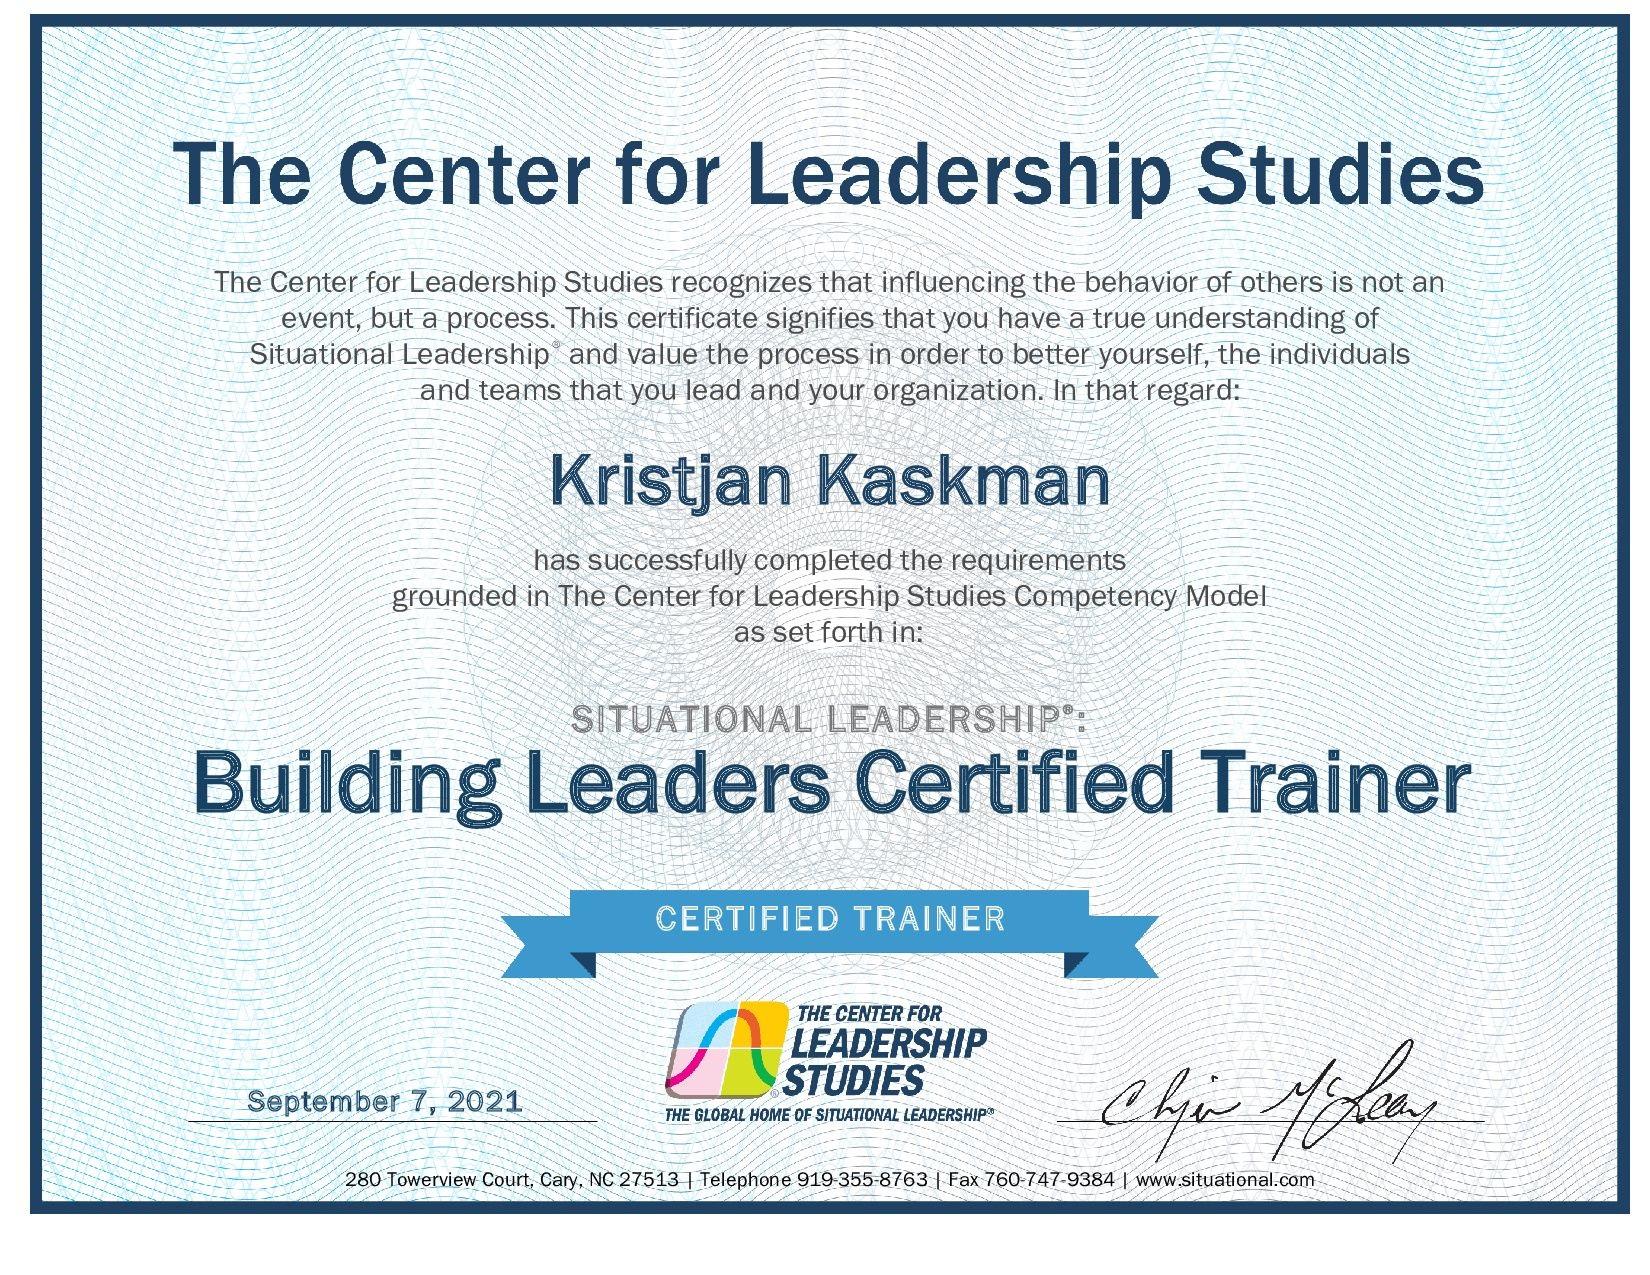 Certificate_KRISTJAN_KASKMAN